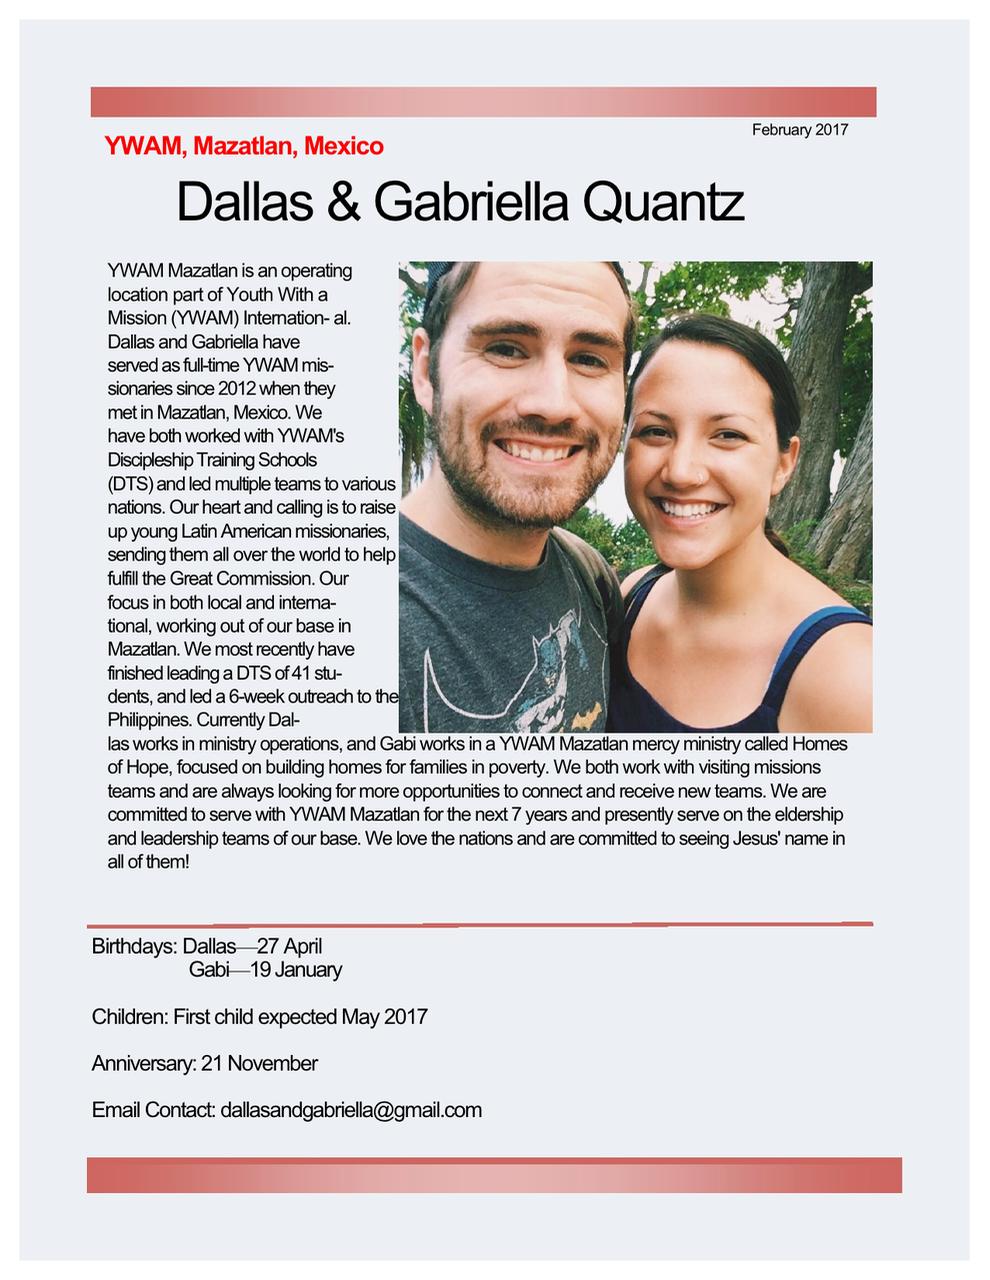 Dallas and Gabriella Quantz